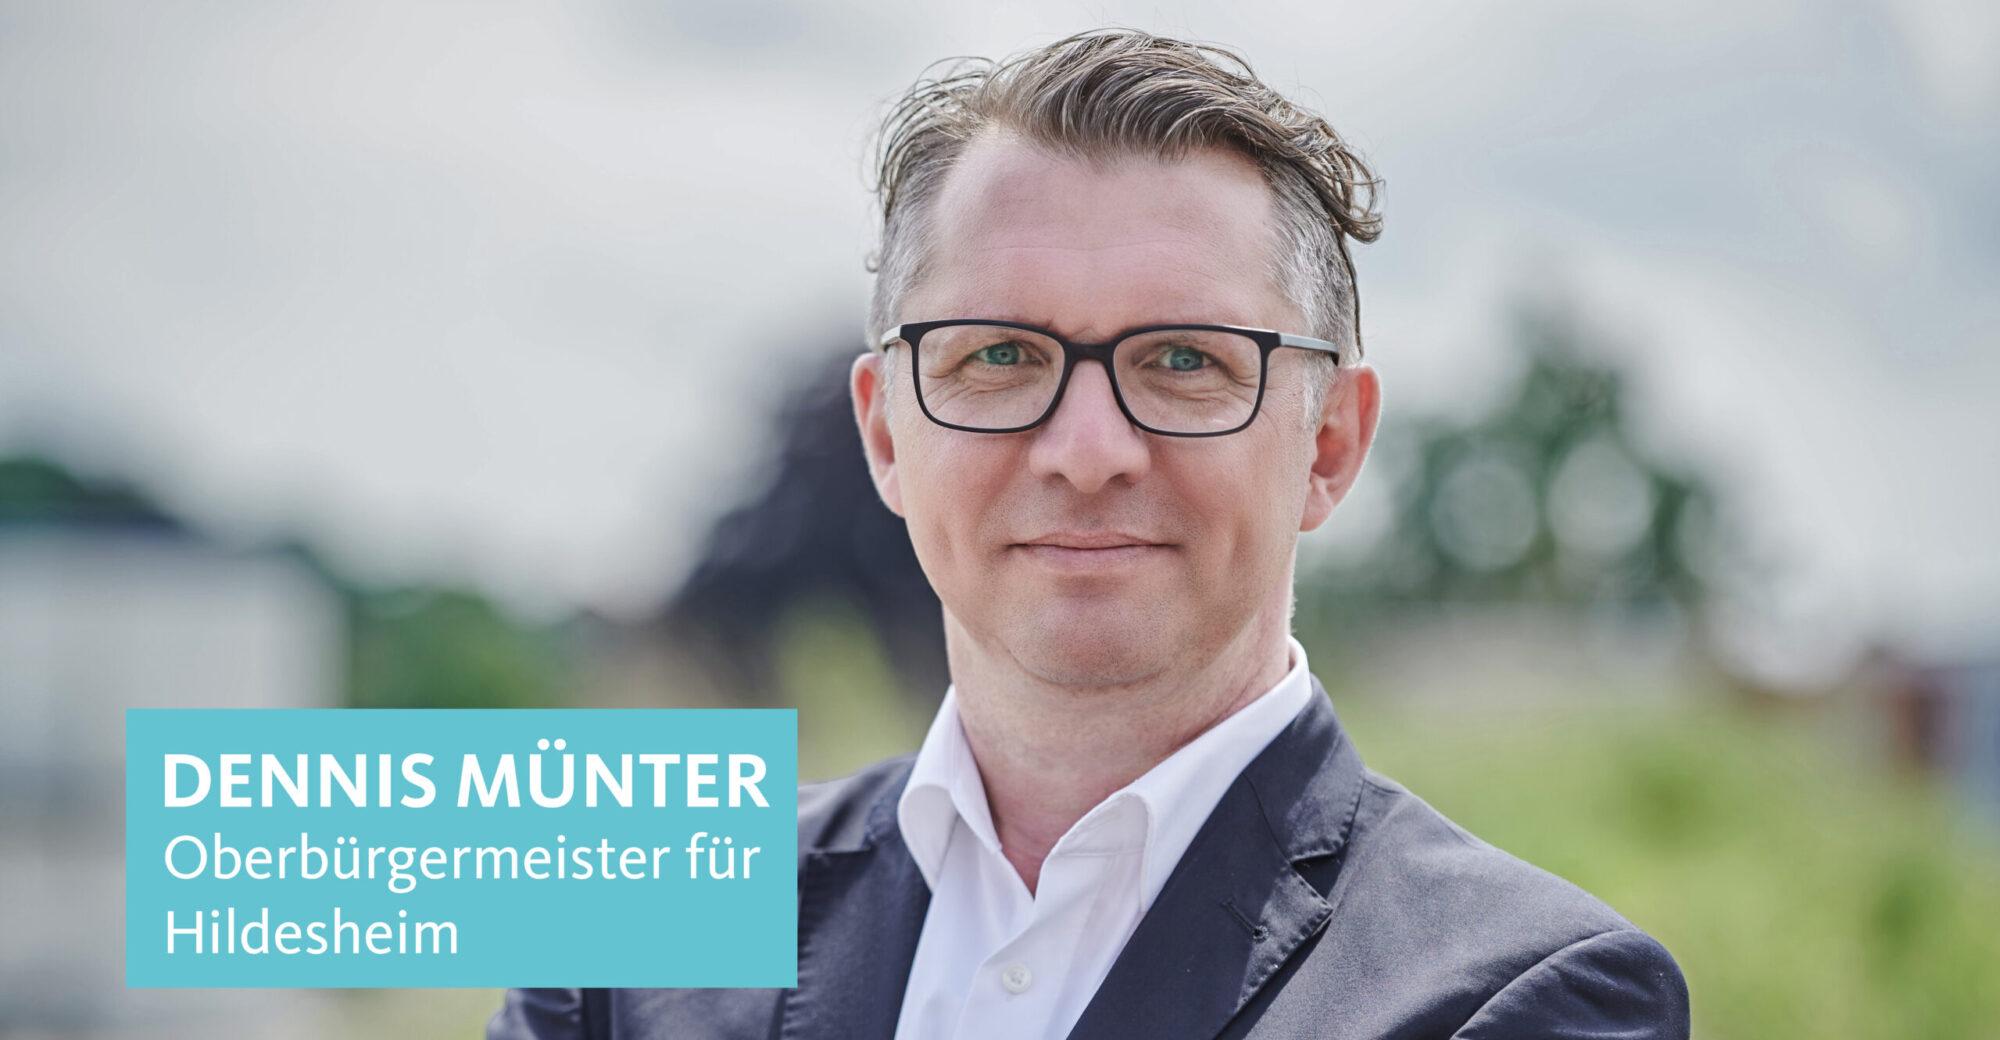 Dennis Münter